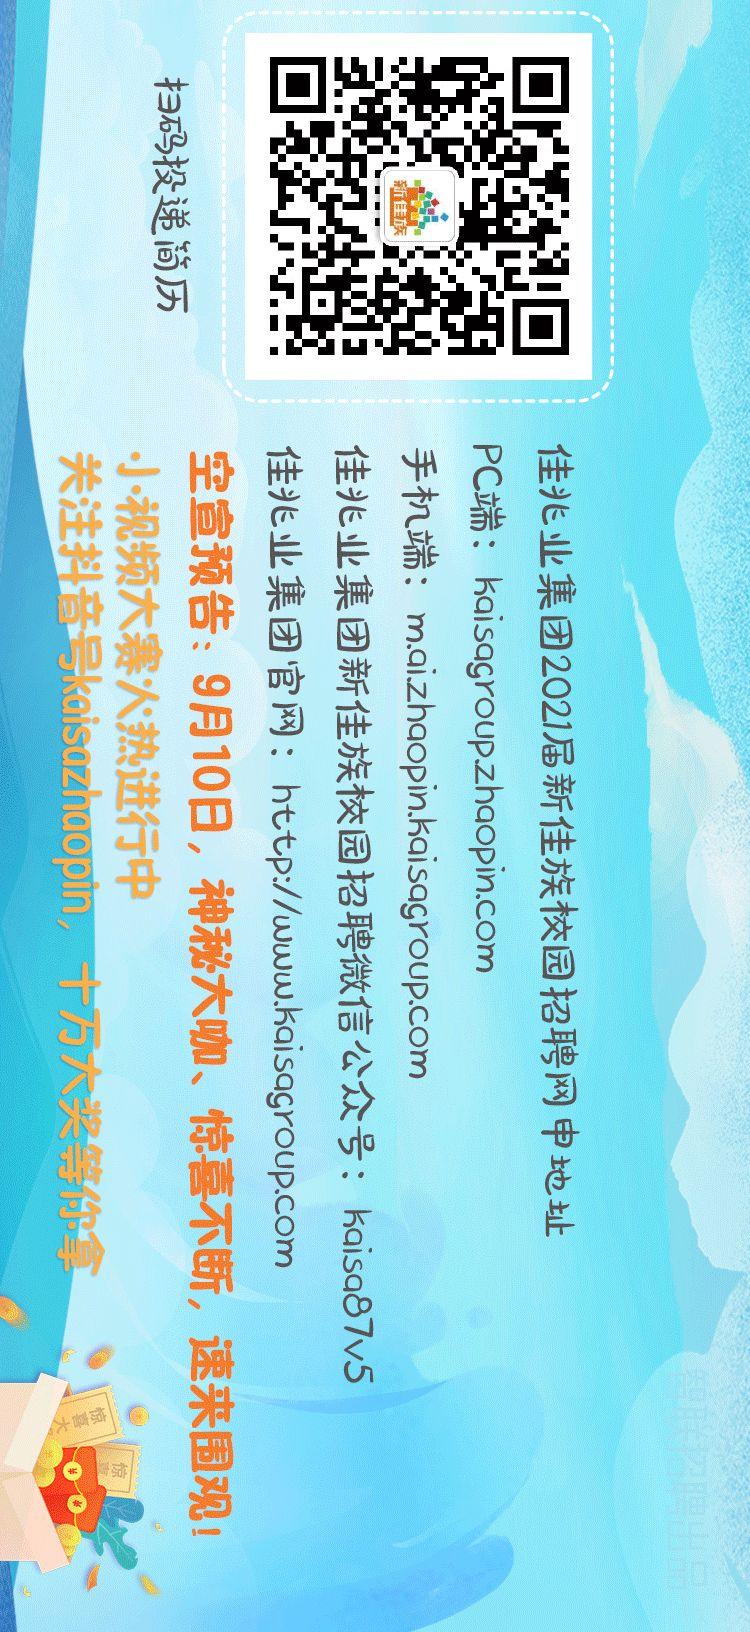 【就业资讯】青春梦·放肆追 | 佳兆业集团2021届新佳族校园招聘全球启动!